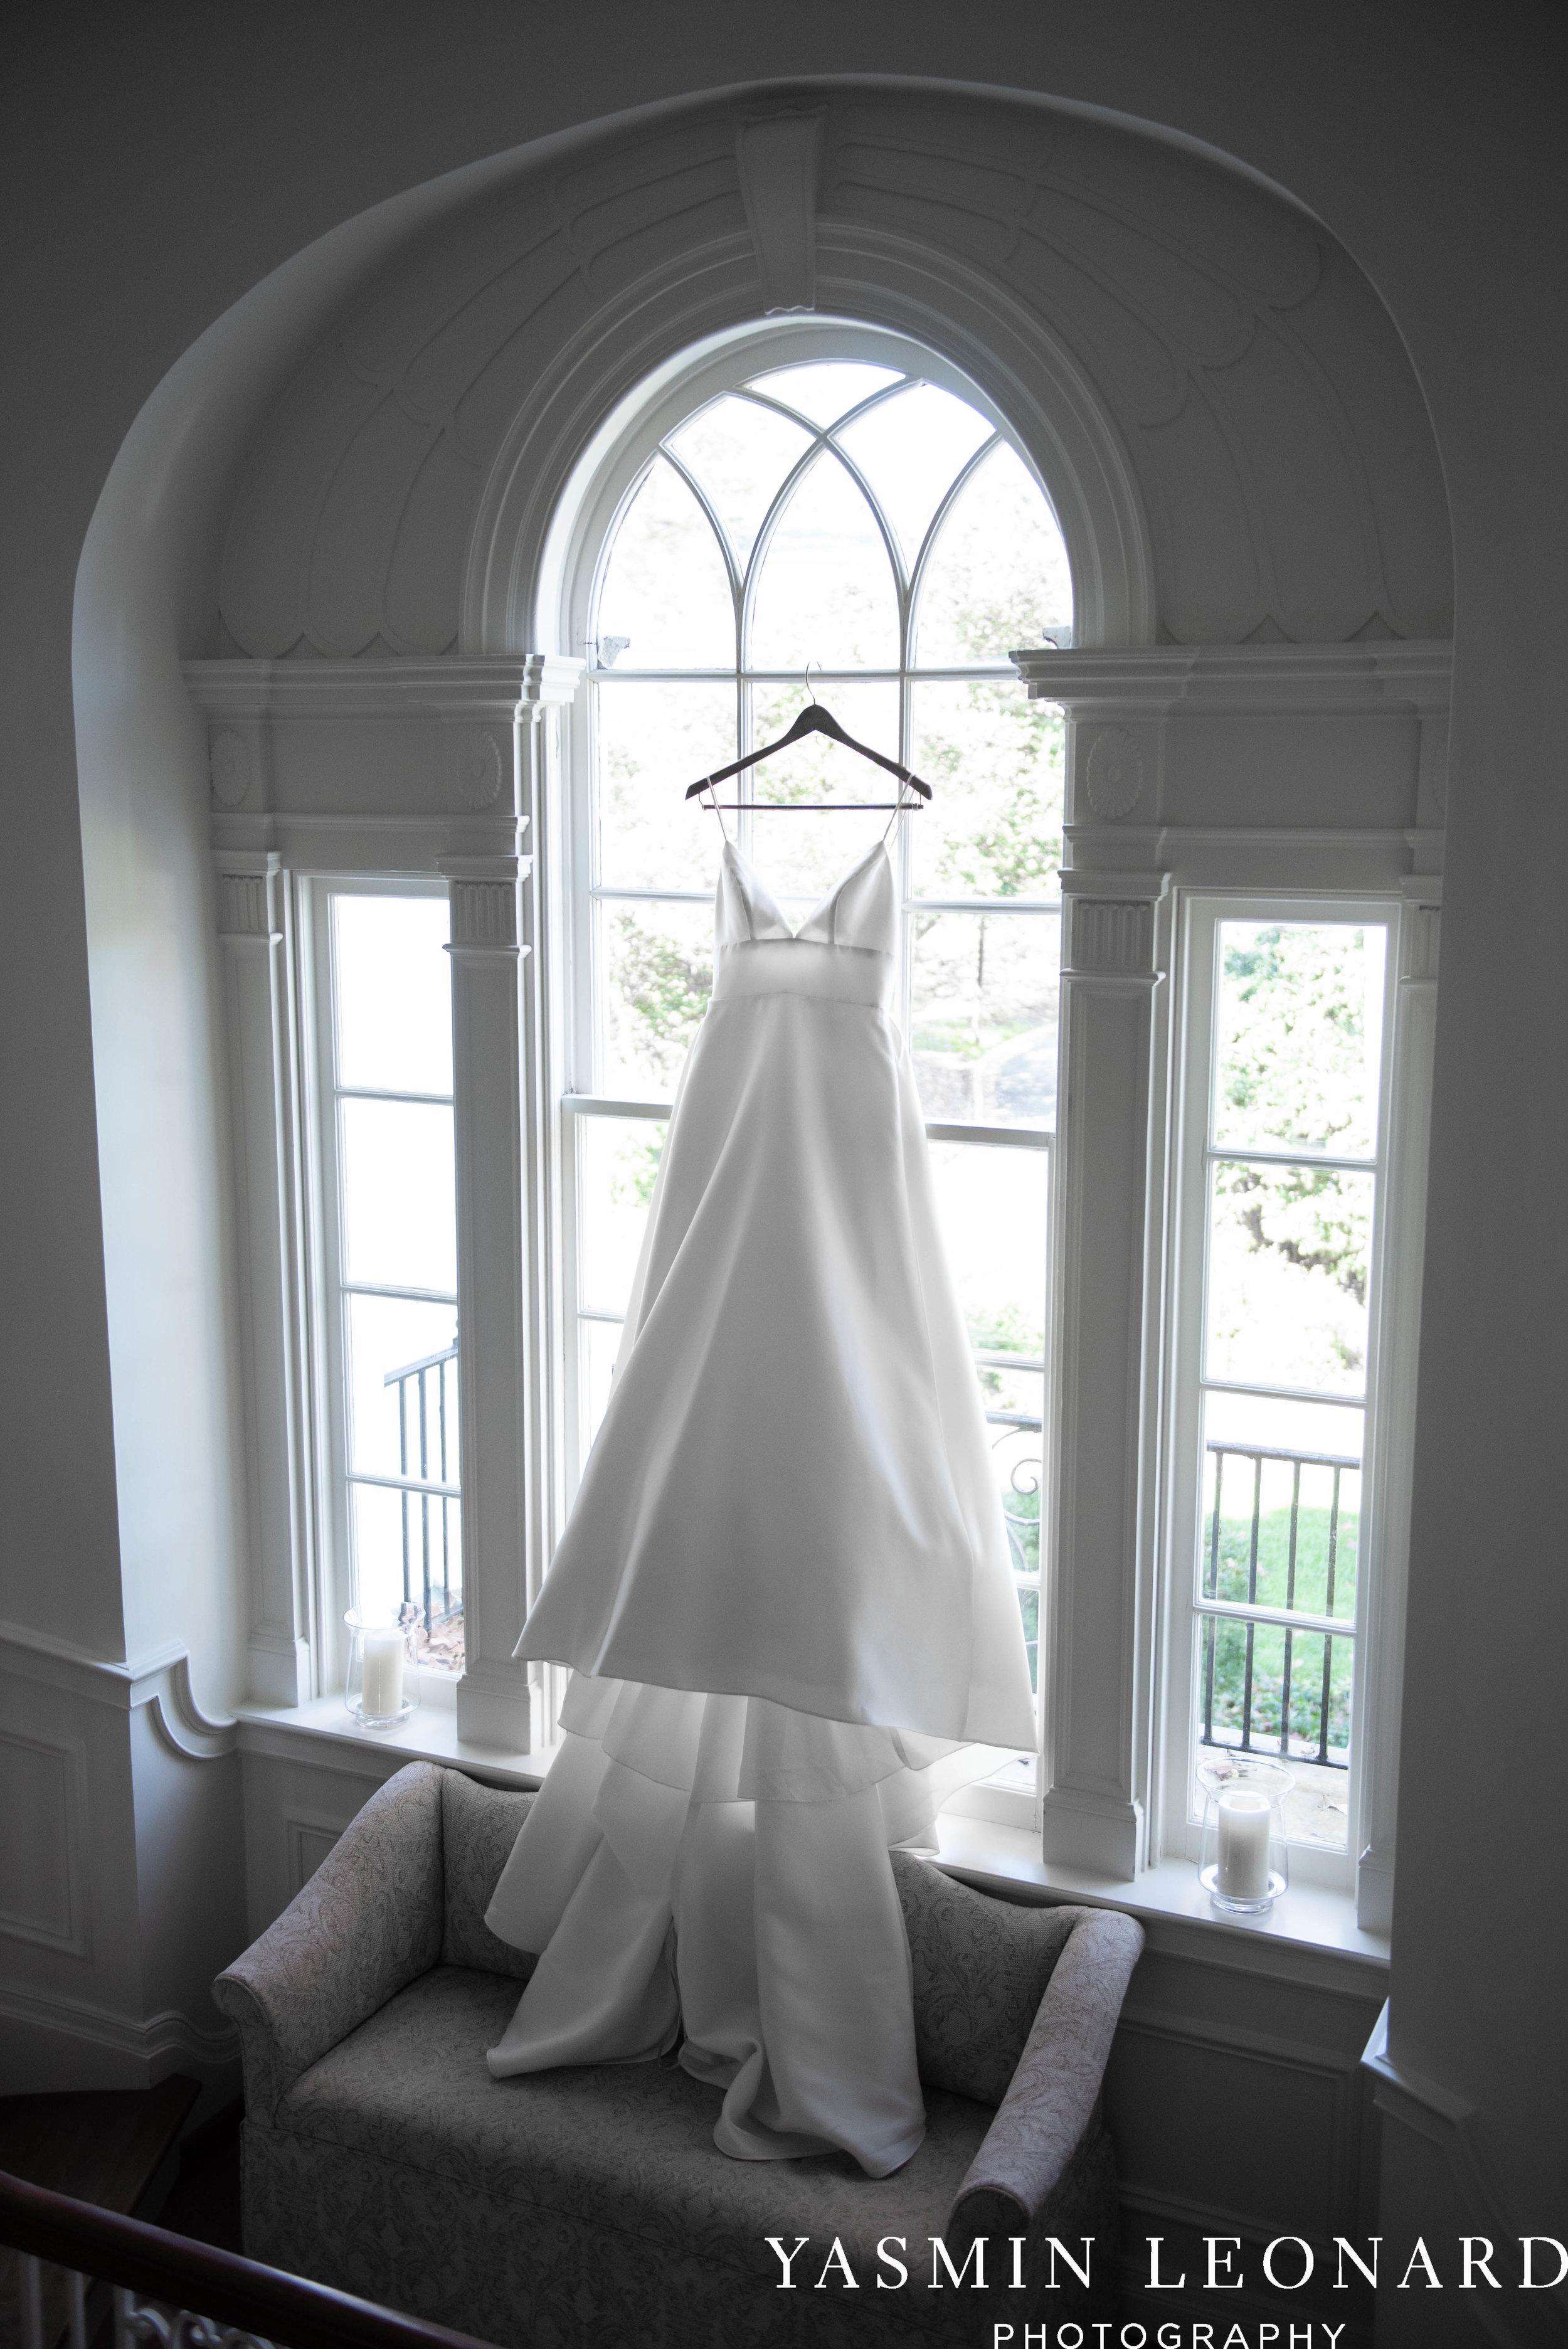 Wesley Memorial United Methodist Church - EmeryWood - High Point Weddings - High Point Wedding Photographer - NC Wedding Photographer - Yasmin Leonard Photography-5.jpg